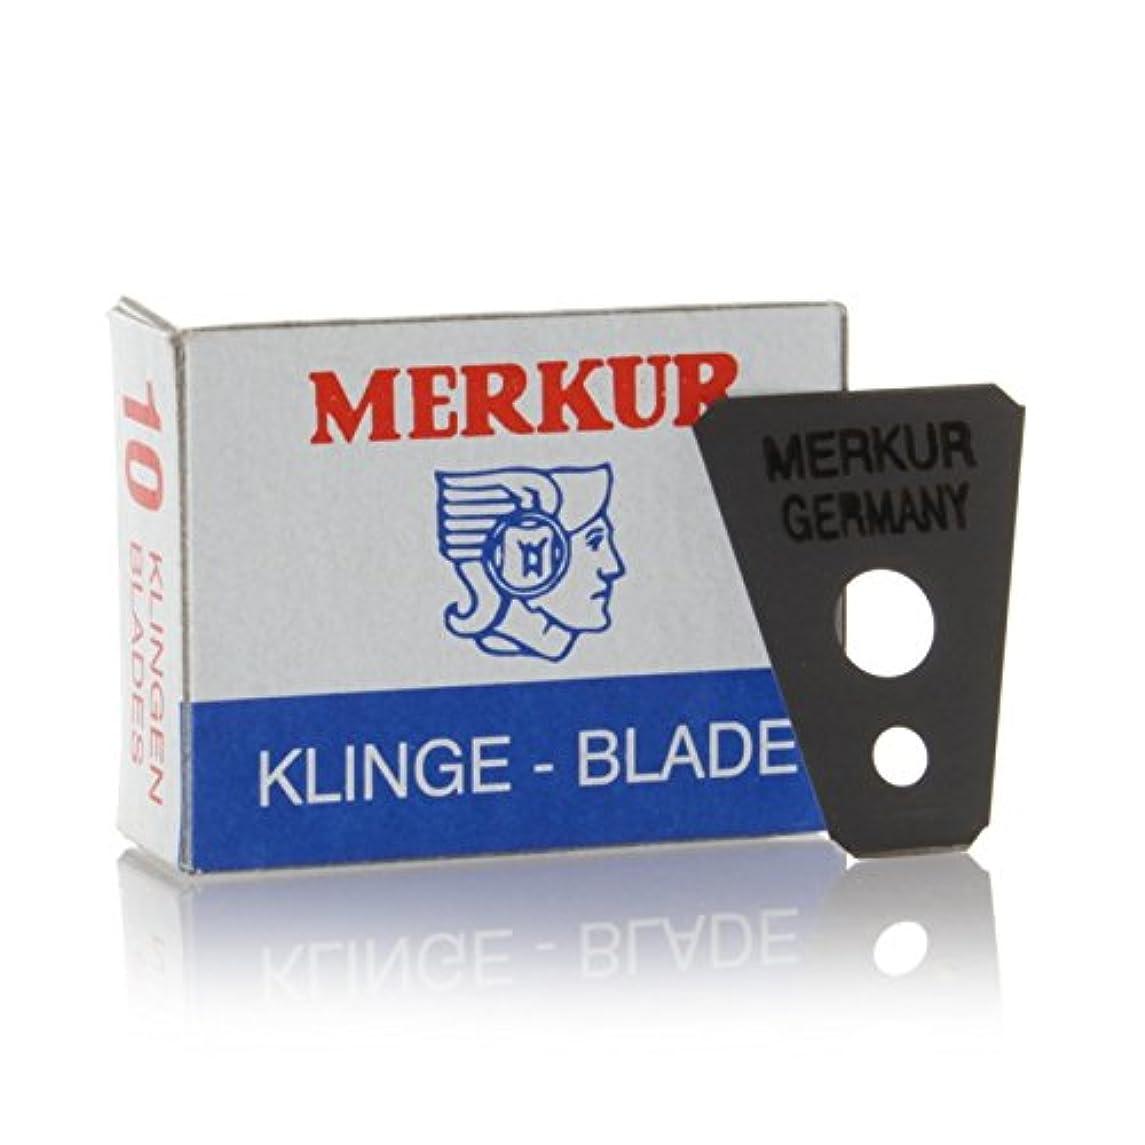 錆び相互接続縁石MERKUR Solingen - Razor blades for moustache shaver, 10 pieces, 90908100